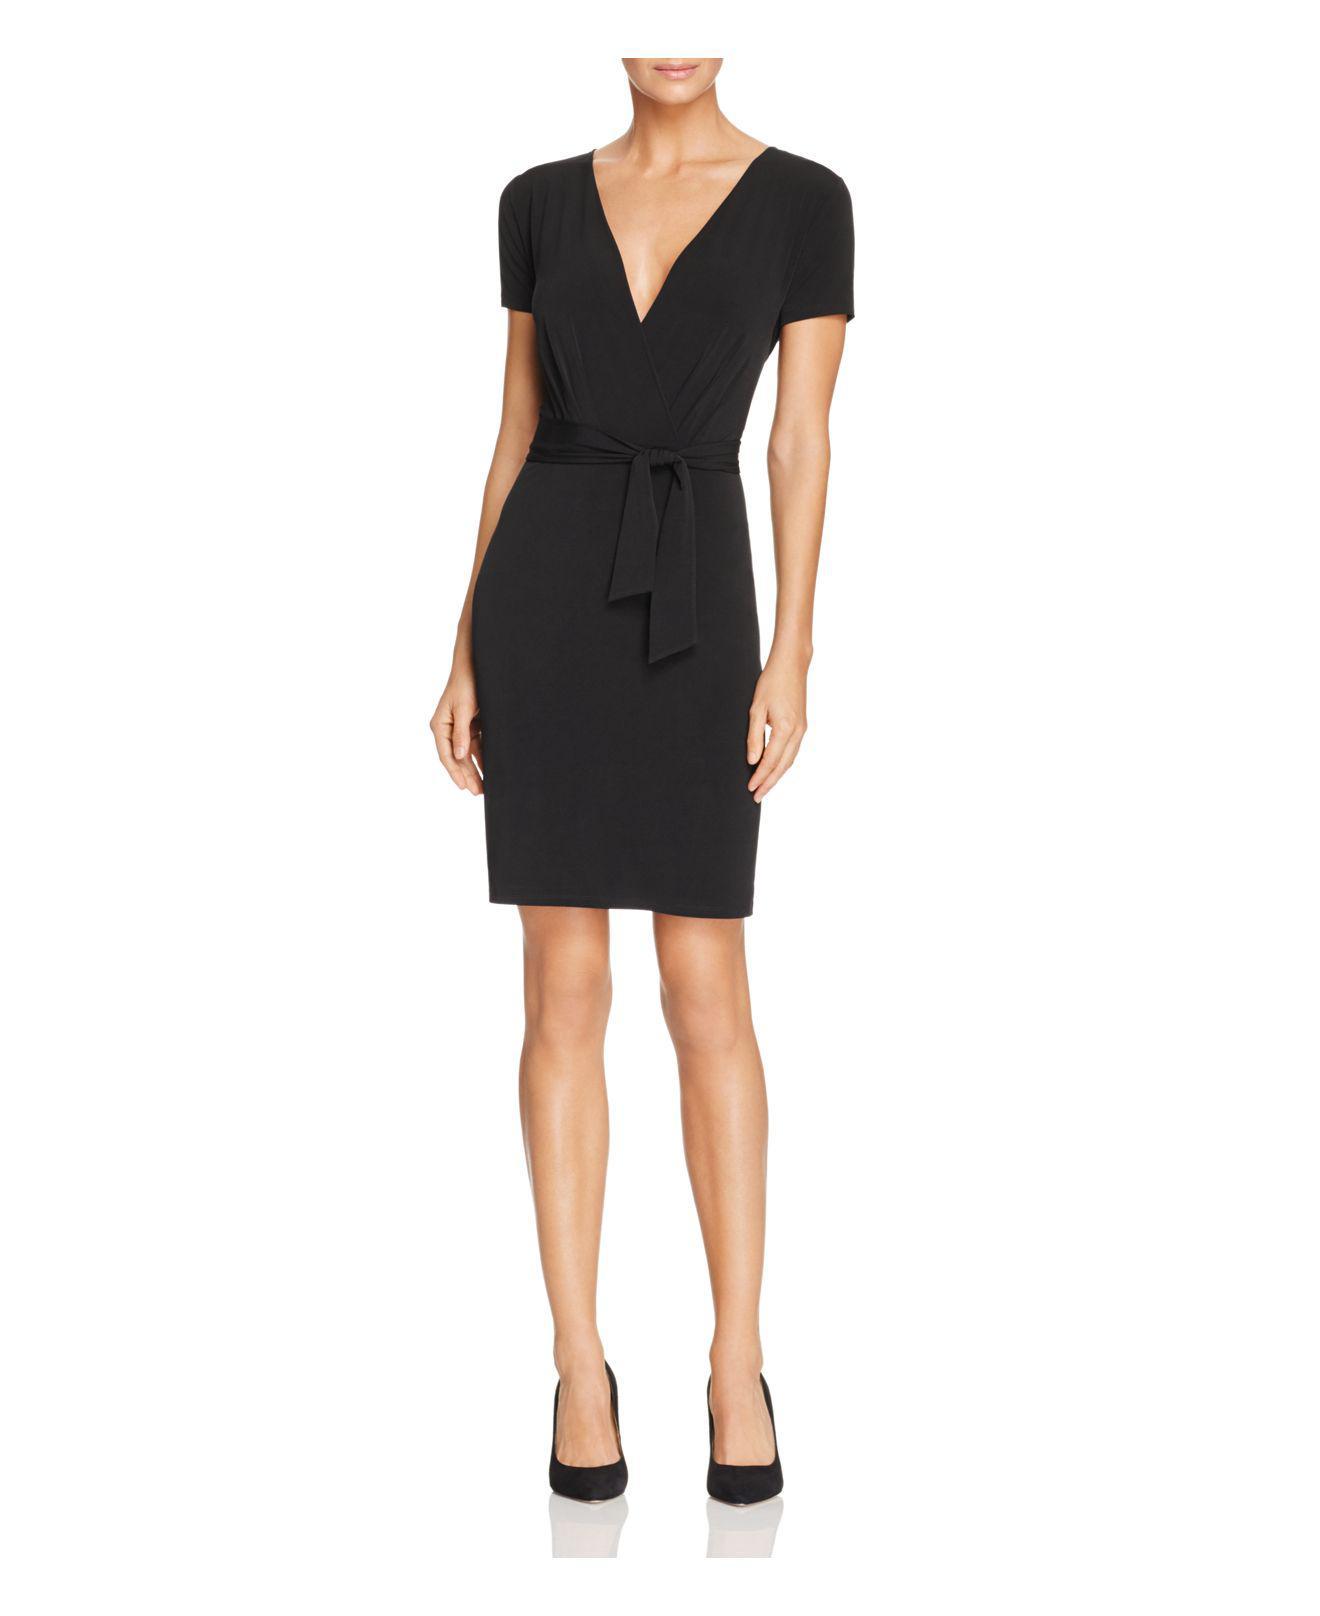 5ae9274dc23d6 Lyst - T Tahari Trish Faux Wrap Dress in Black